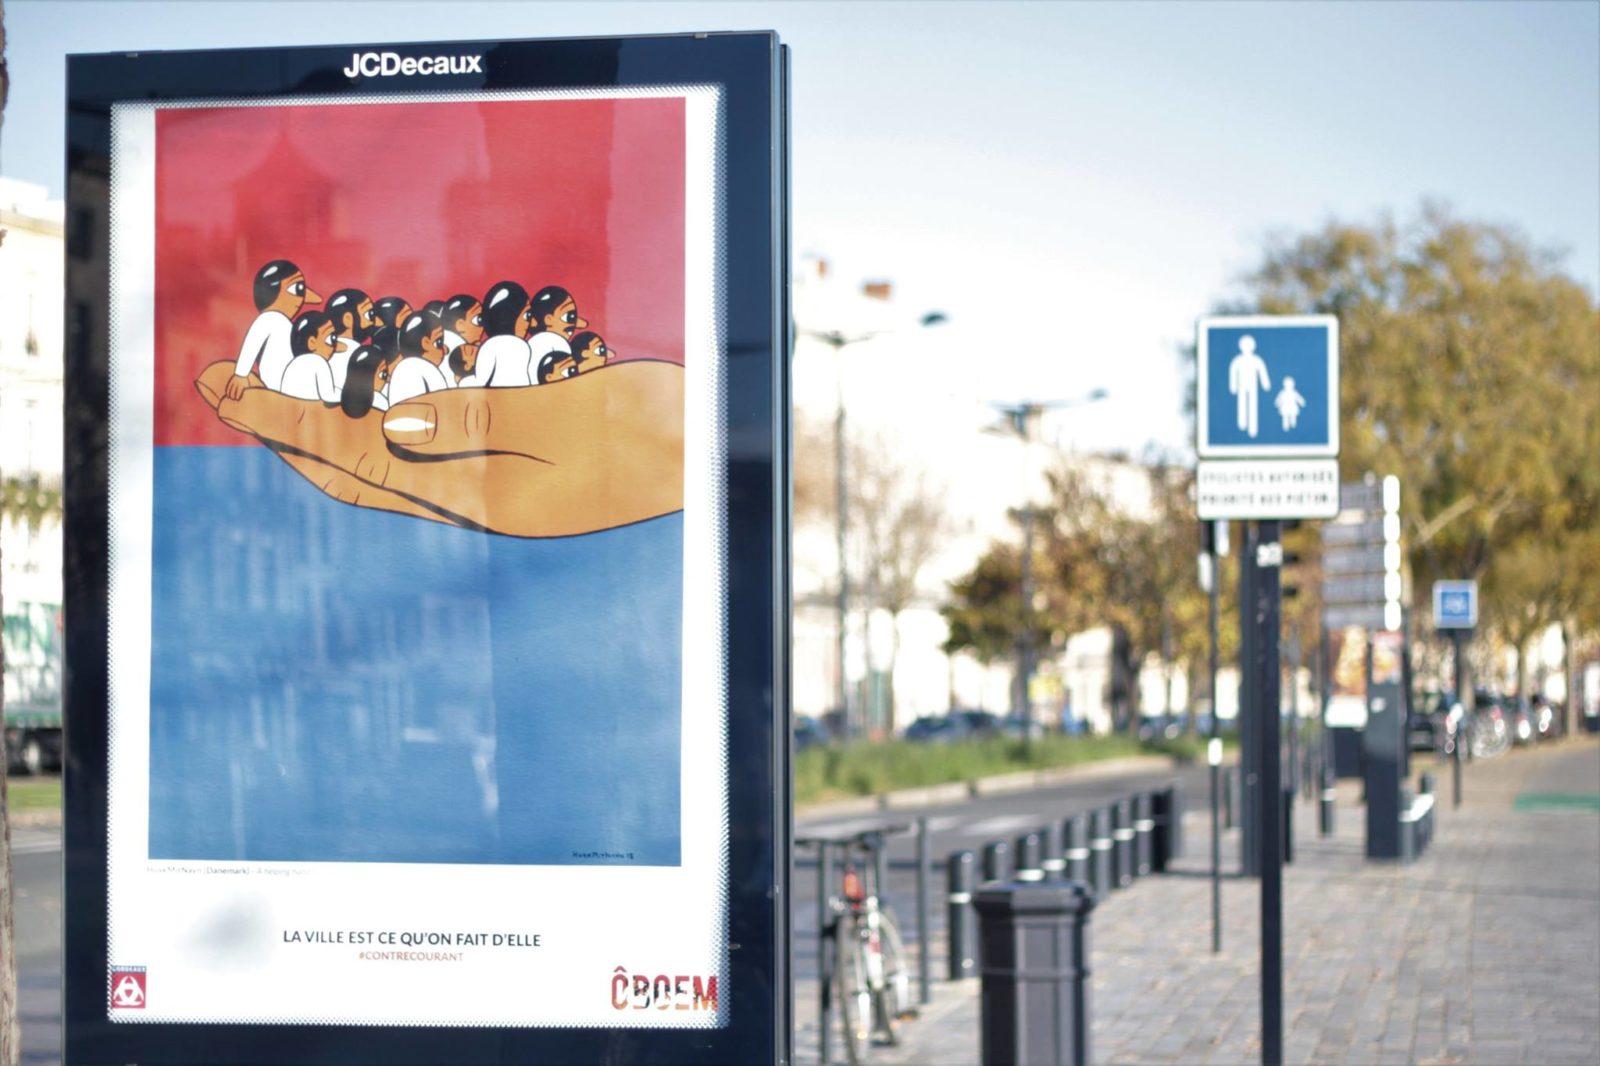 oboem JCdecaux bordeaux affichage pub art - Coup de pouce RADAR x Ulule : Ôboem veut transformer l'affichage publicitaire en galerie d'art